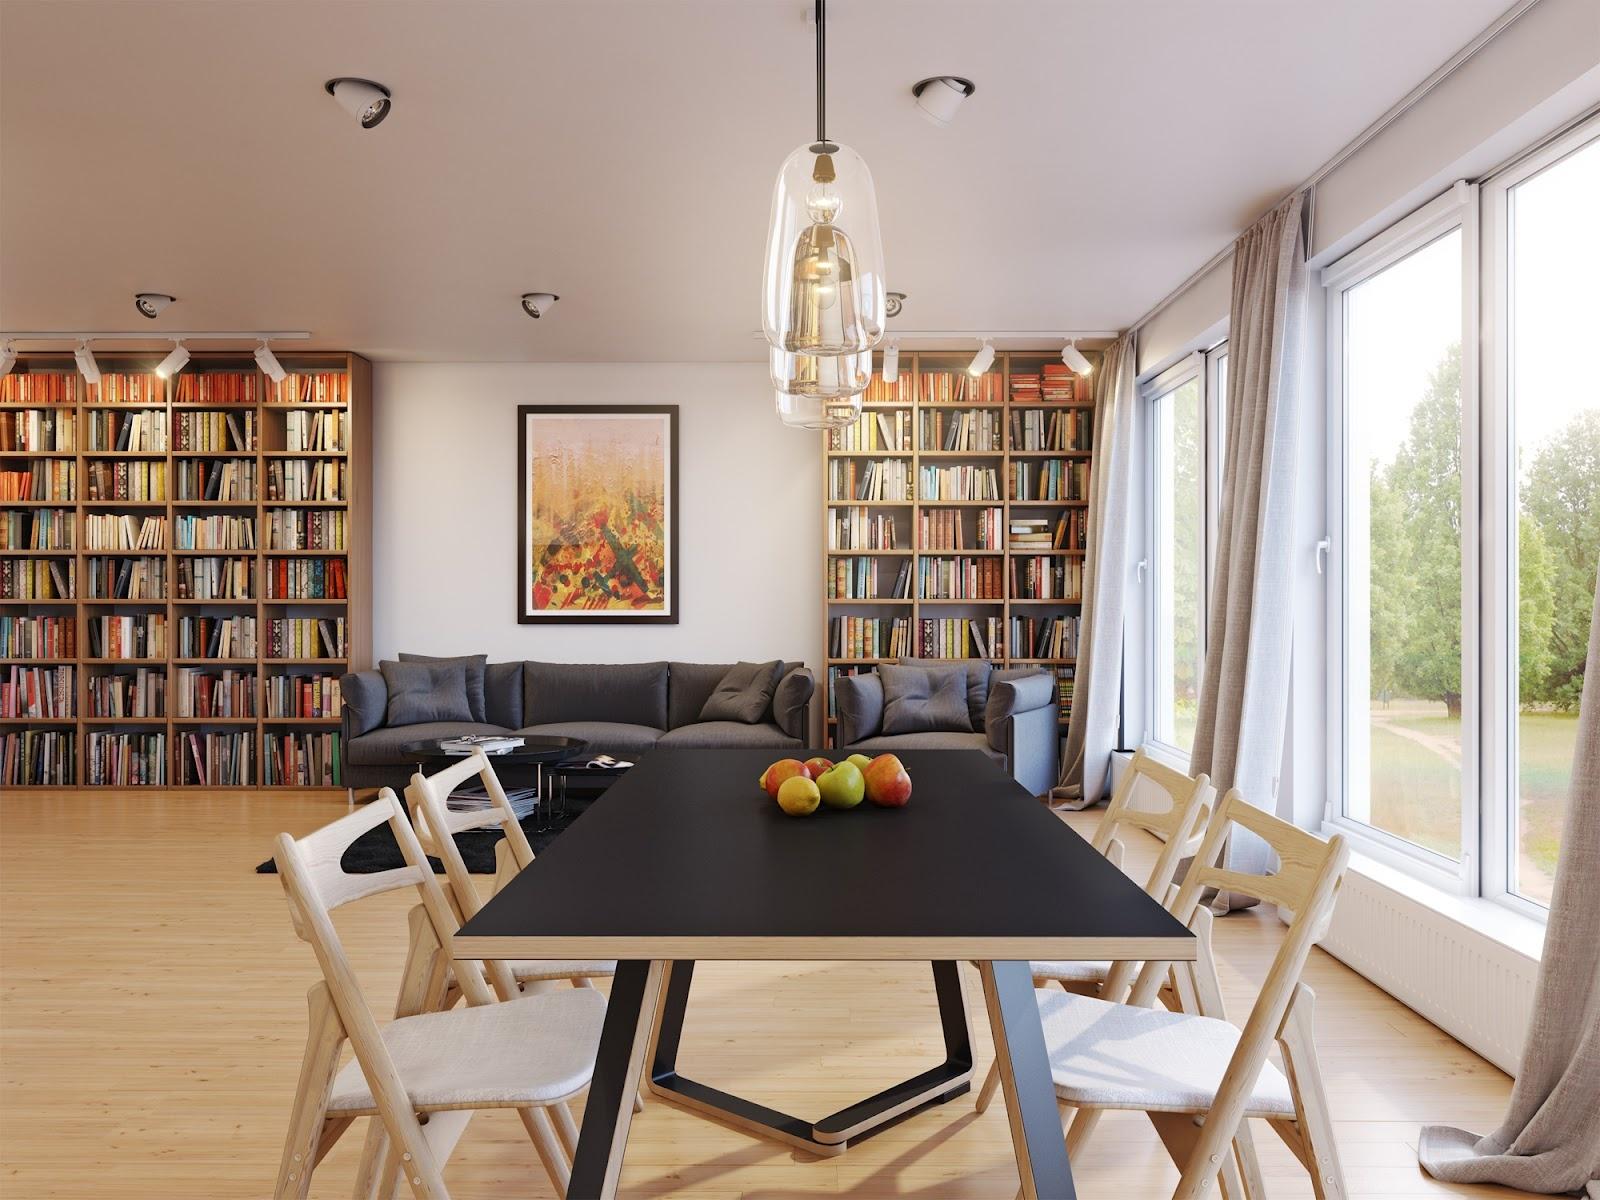 90平米小户型家庭餐厅飘窗装修效果图大全2014图片